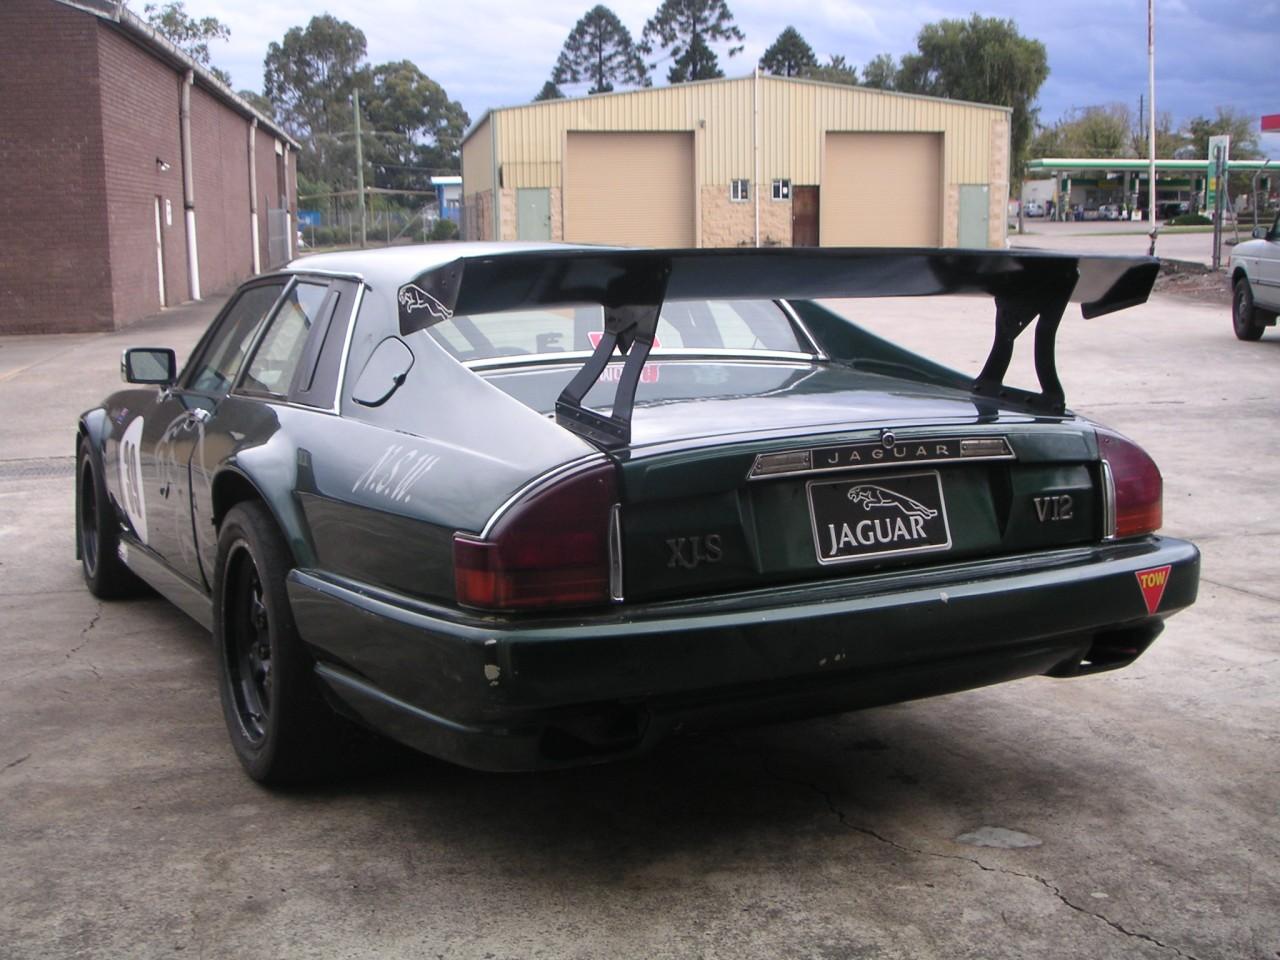 Jaguar Xjs V Twin Turbo